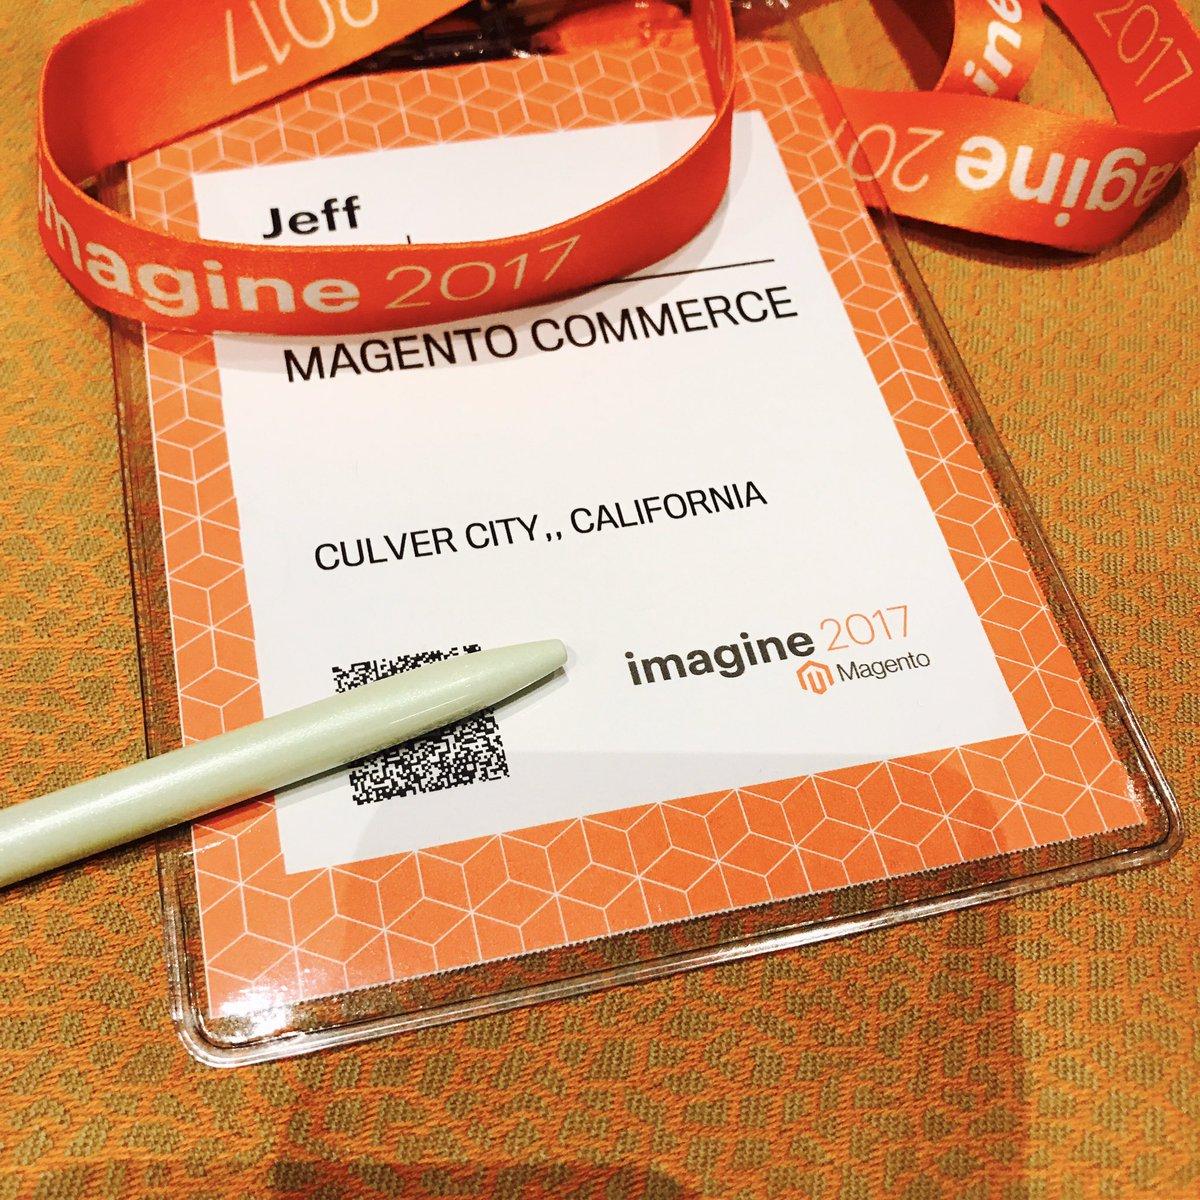 MagentoJ: Just arrived in Las Vegas for the world famous @Magento #Magentoimagine #roadtoimagine https://t.co/C028bVg7og